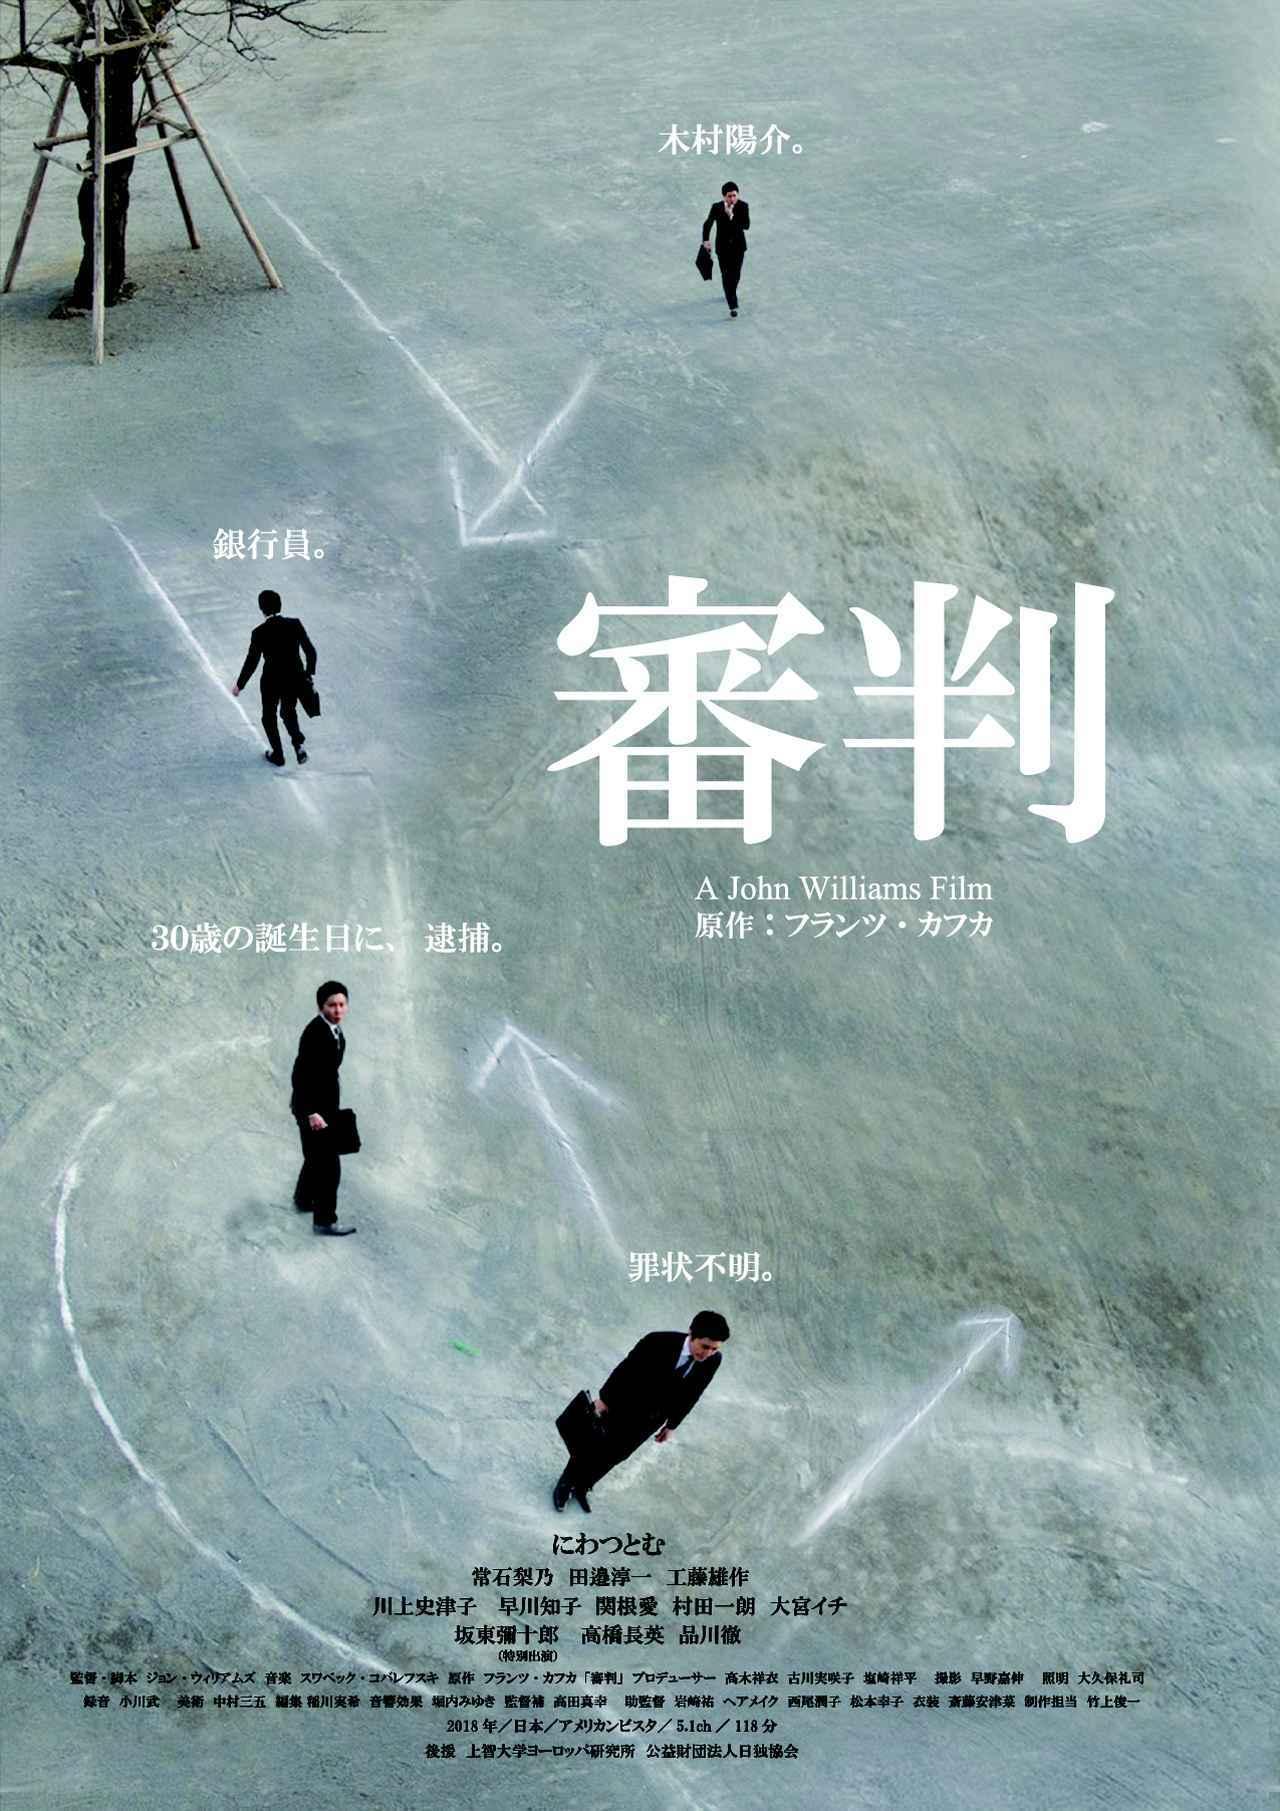 画像: フランツ・カフカの不条理文学を原作を使って、現代の日本をコメンタリー ジョン・ウィリアムズ監督『審判』-日本外国特派員協会で会見